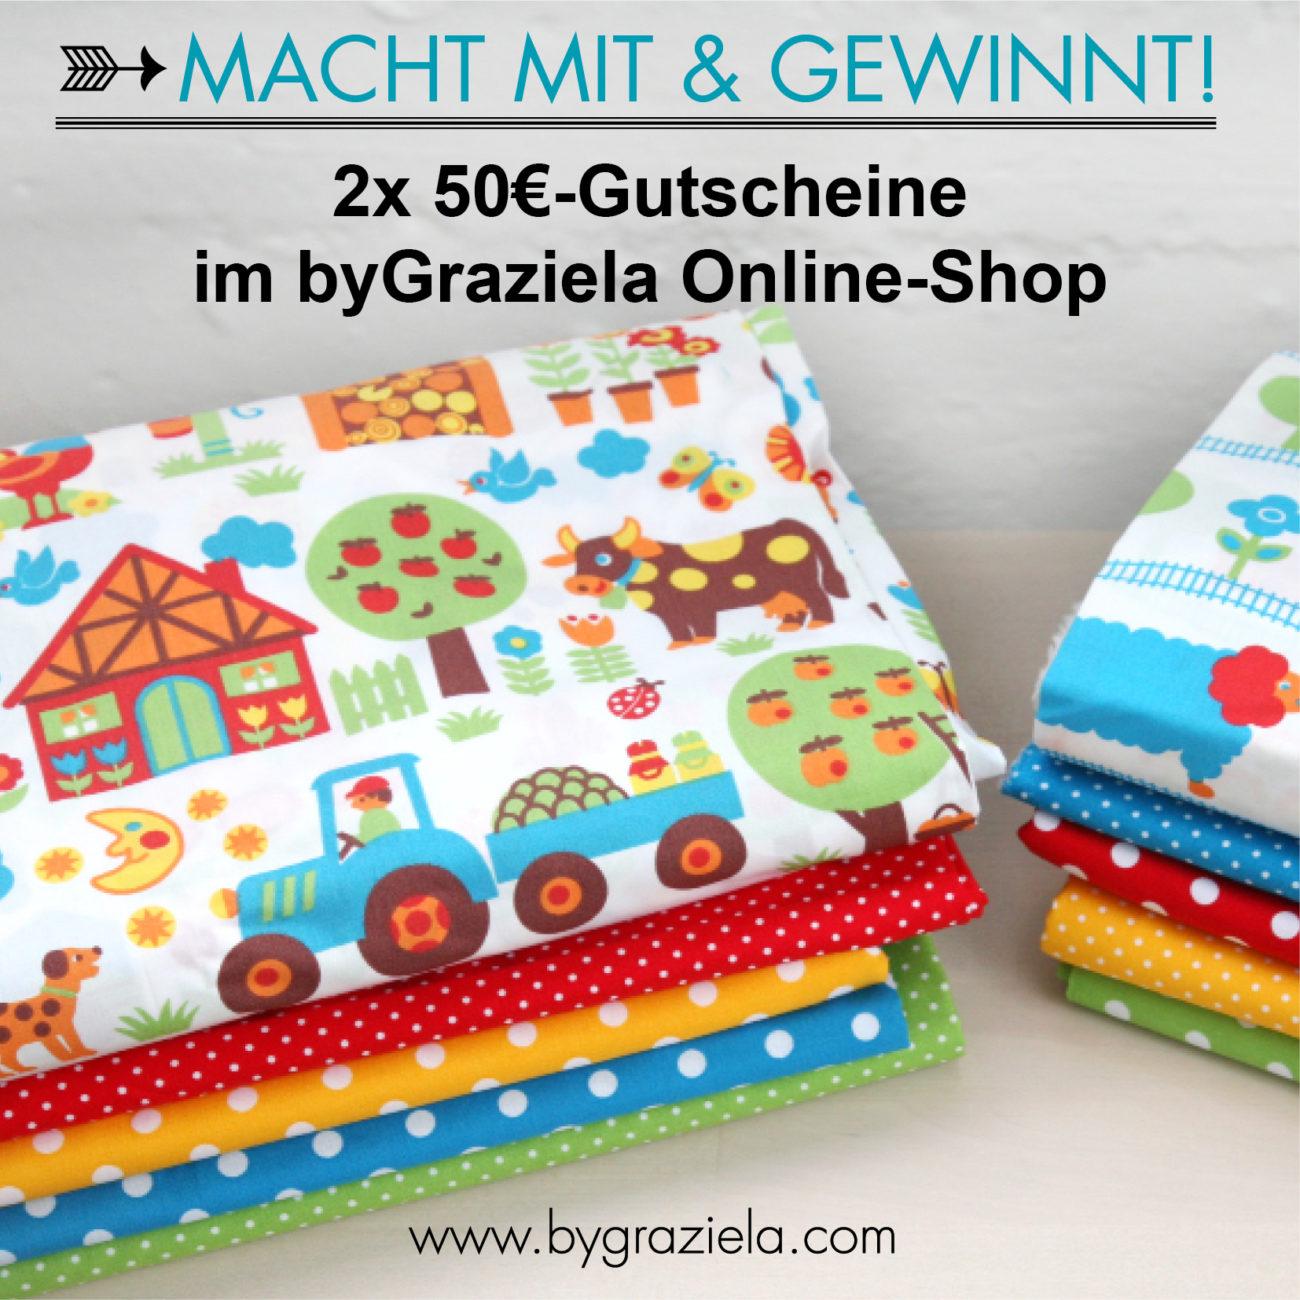 Anleitung Kissenbezug mit Bommelborte nähen - Gewinnspiel mit byGraziela